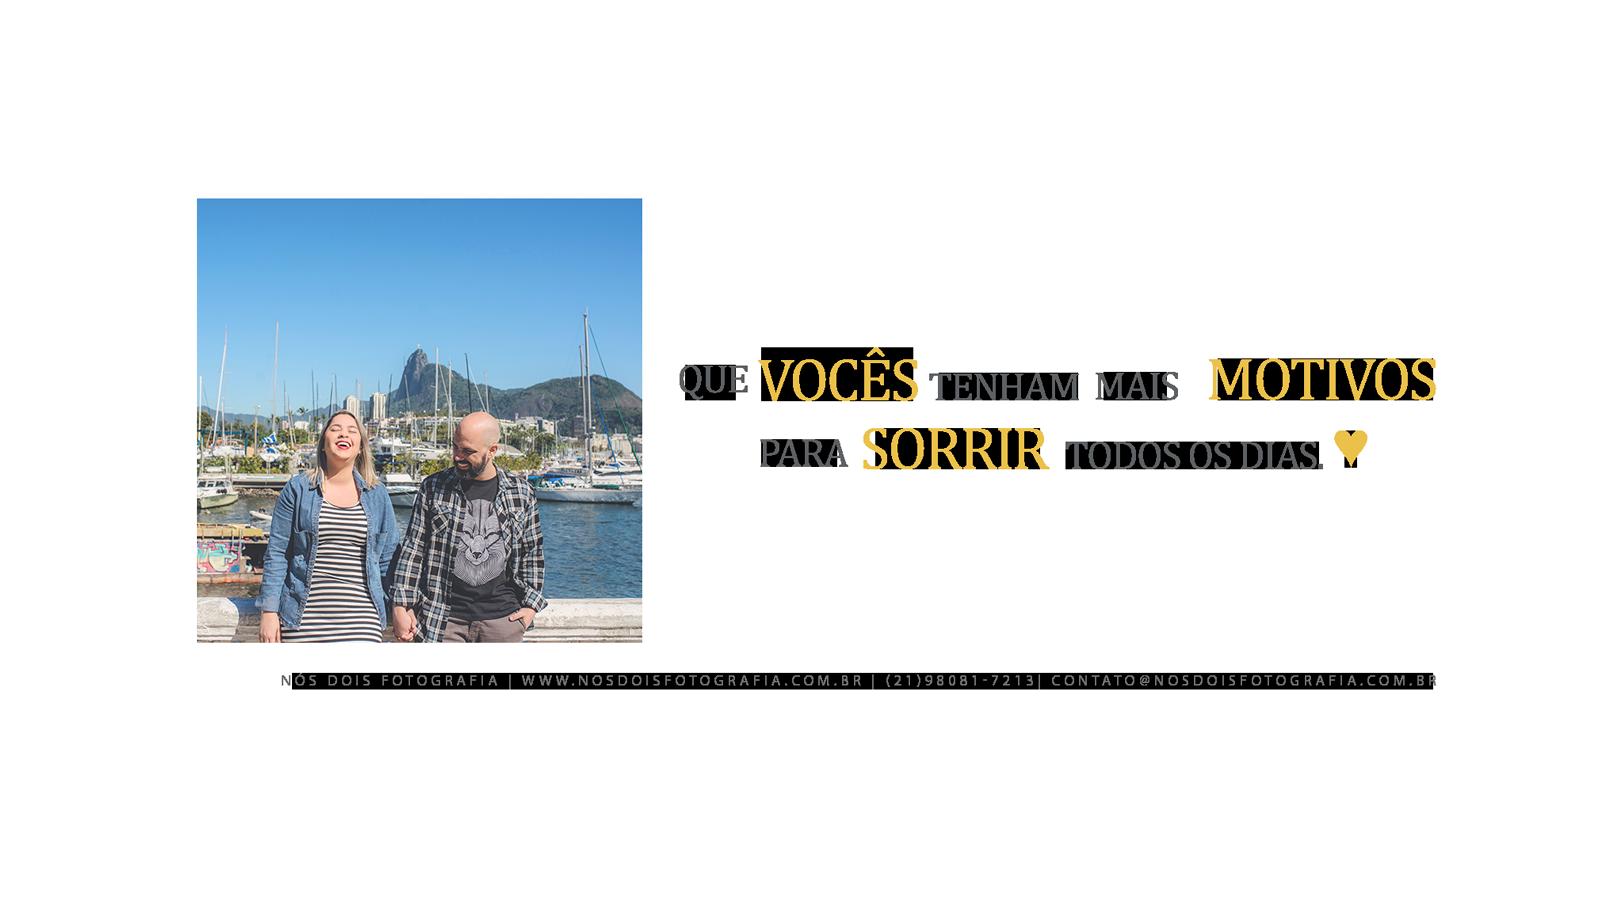 Contate Nós Dois Fotografia - Fotografia de casamento, família e gestantes no Rio de Janeiro.